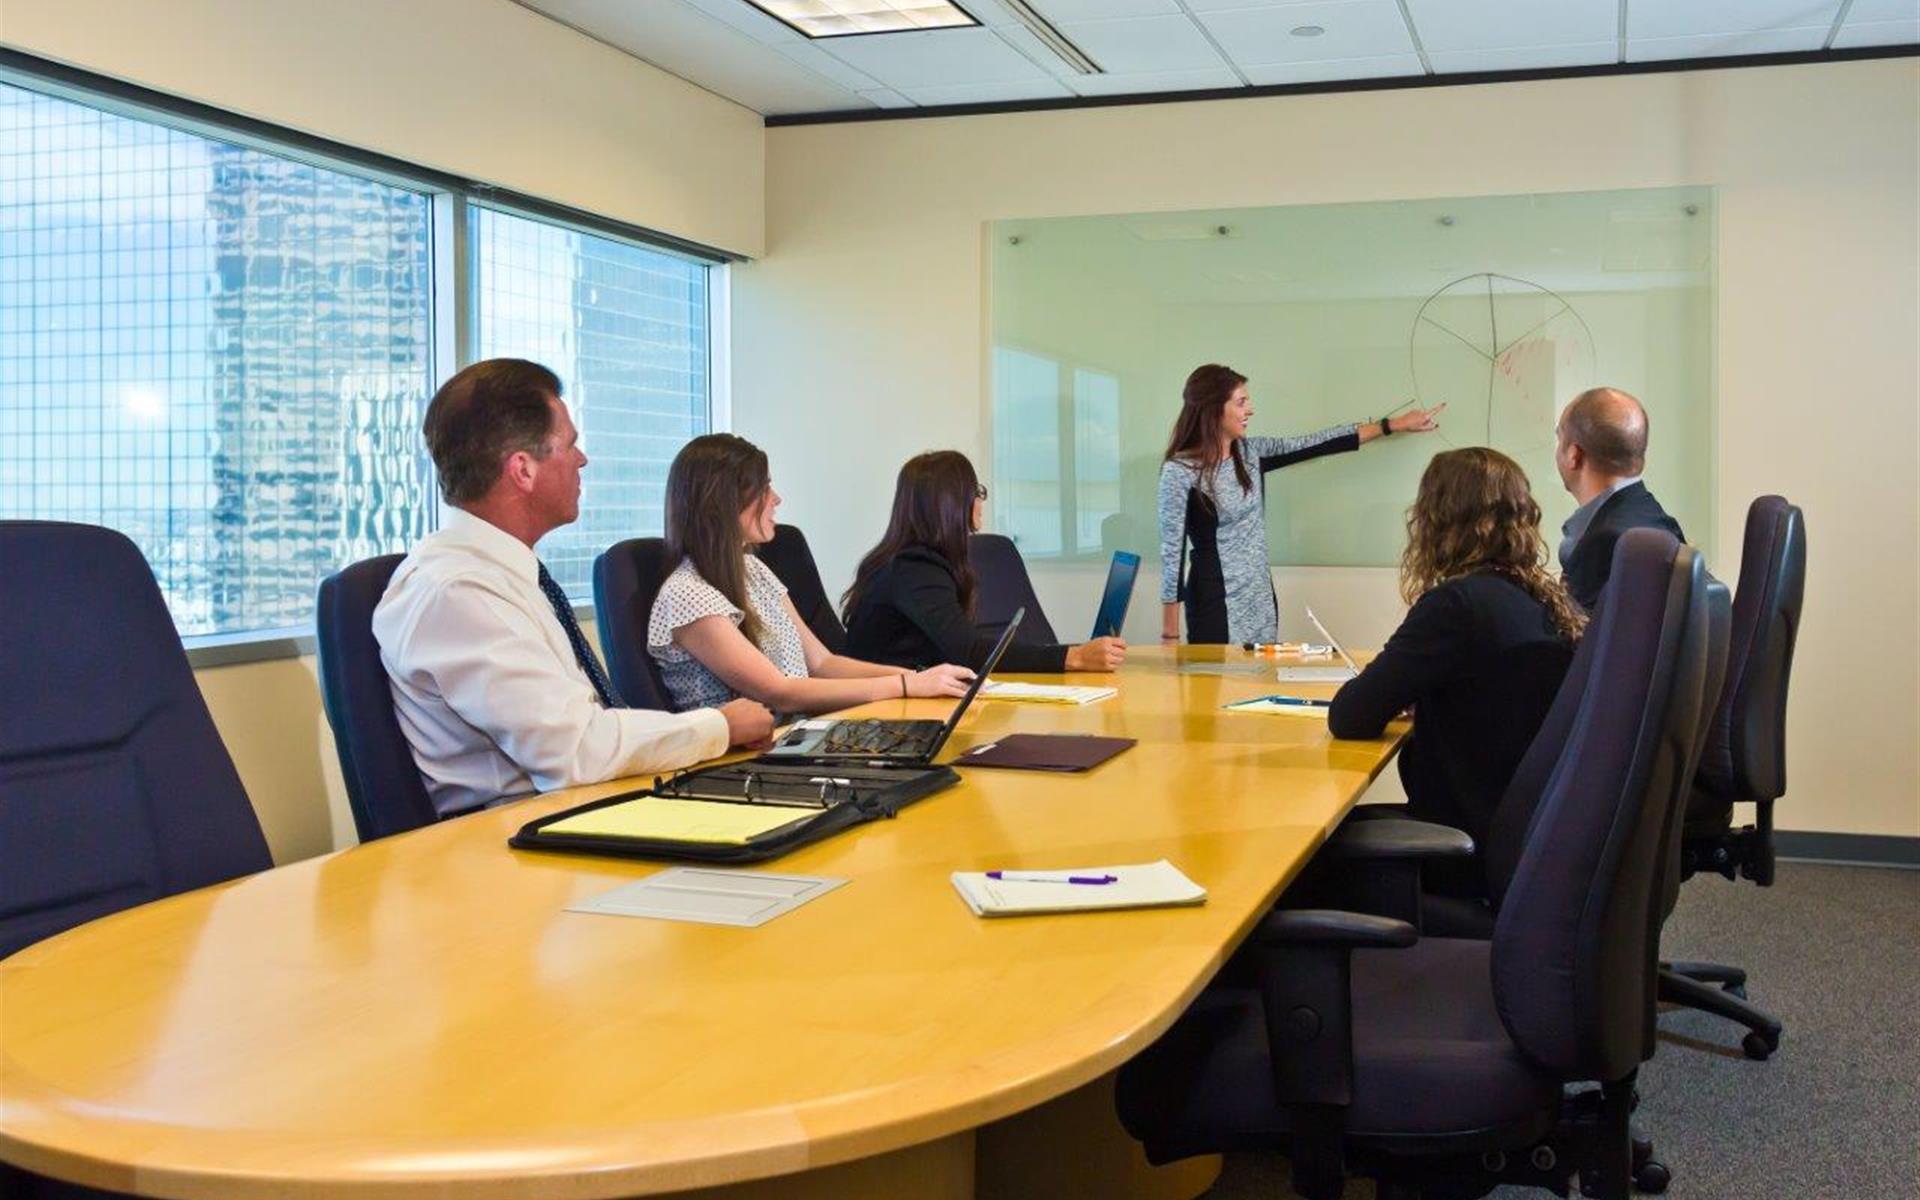 YourOffice-Denver - Boardroom